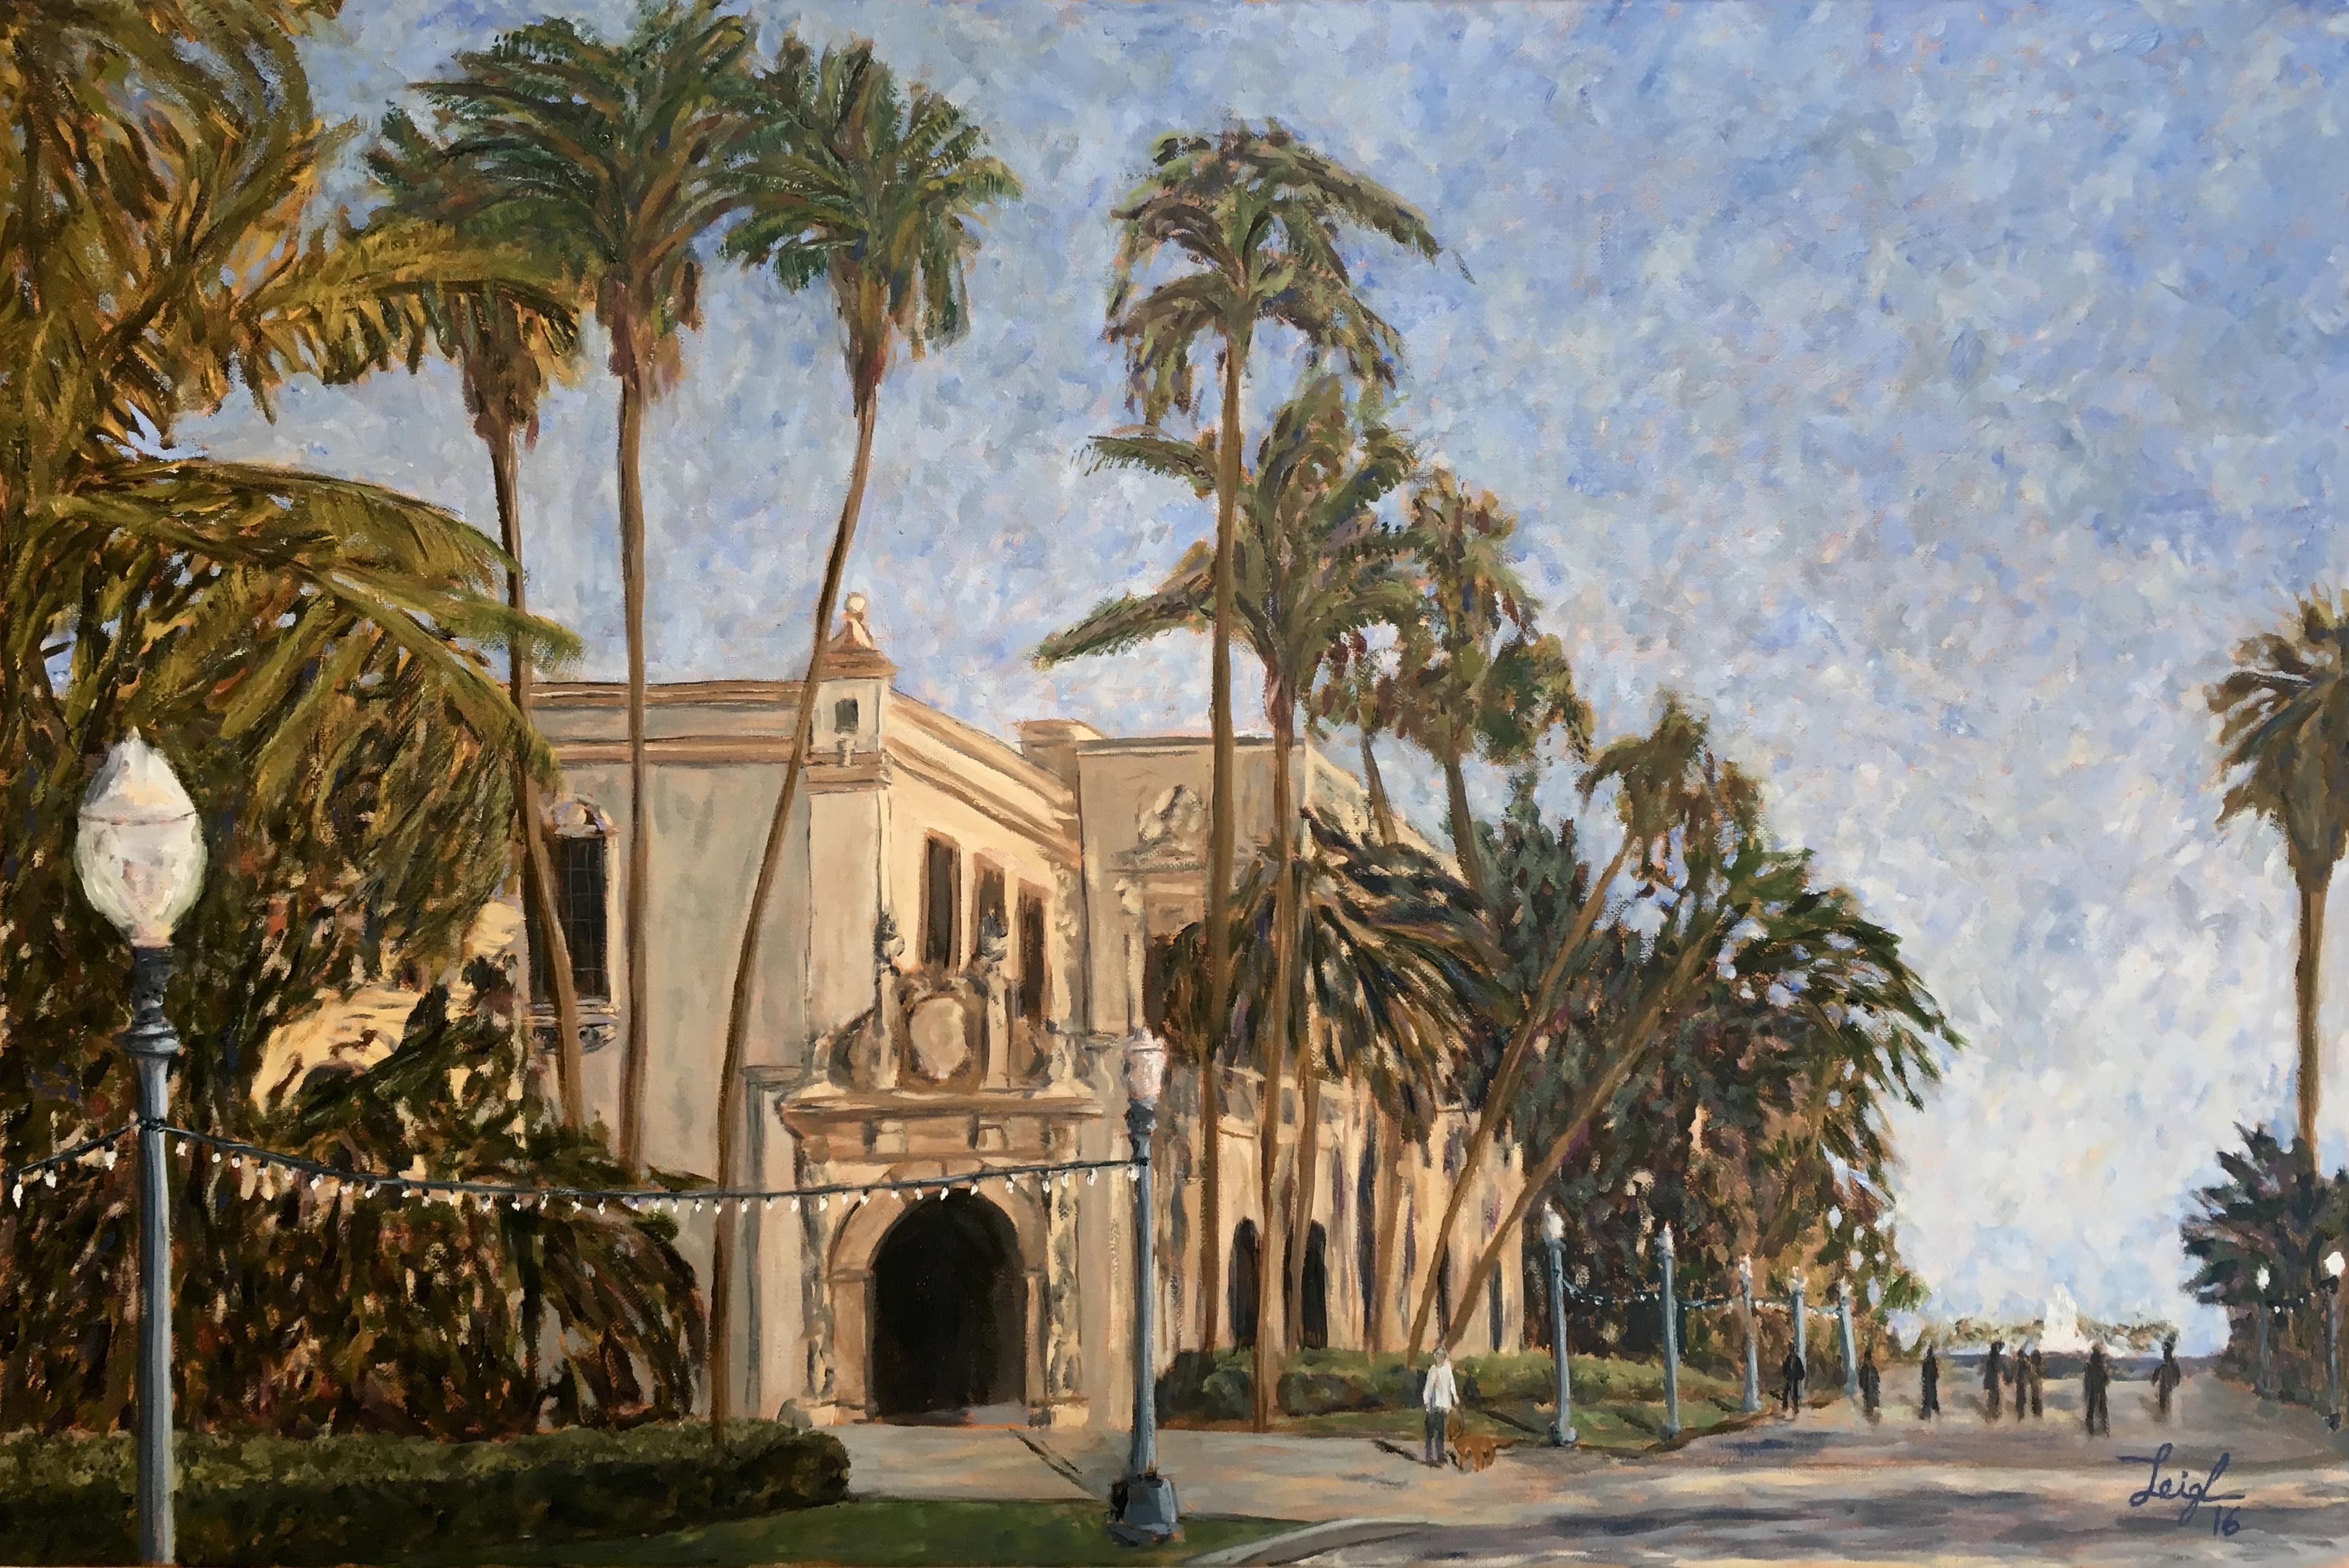 El Prado Post Centennial  ~   Balboa Park Conservancy, San Diego 2016  •  30 x 20